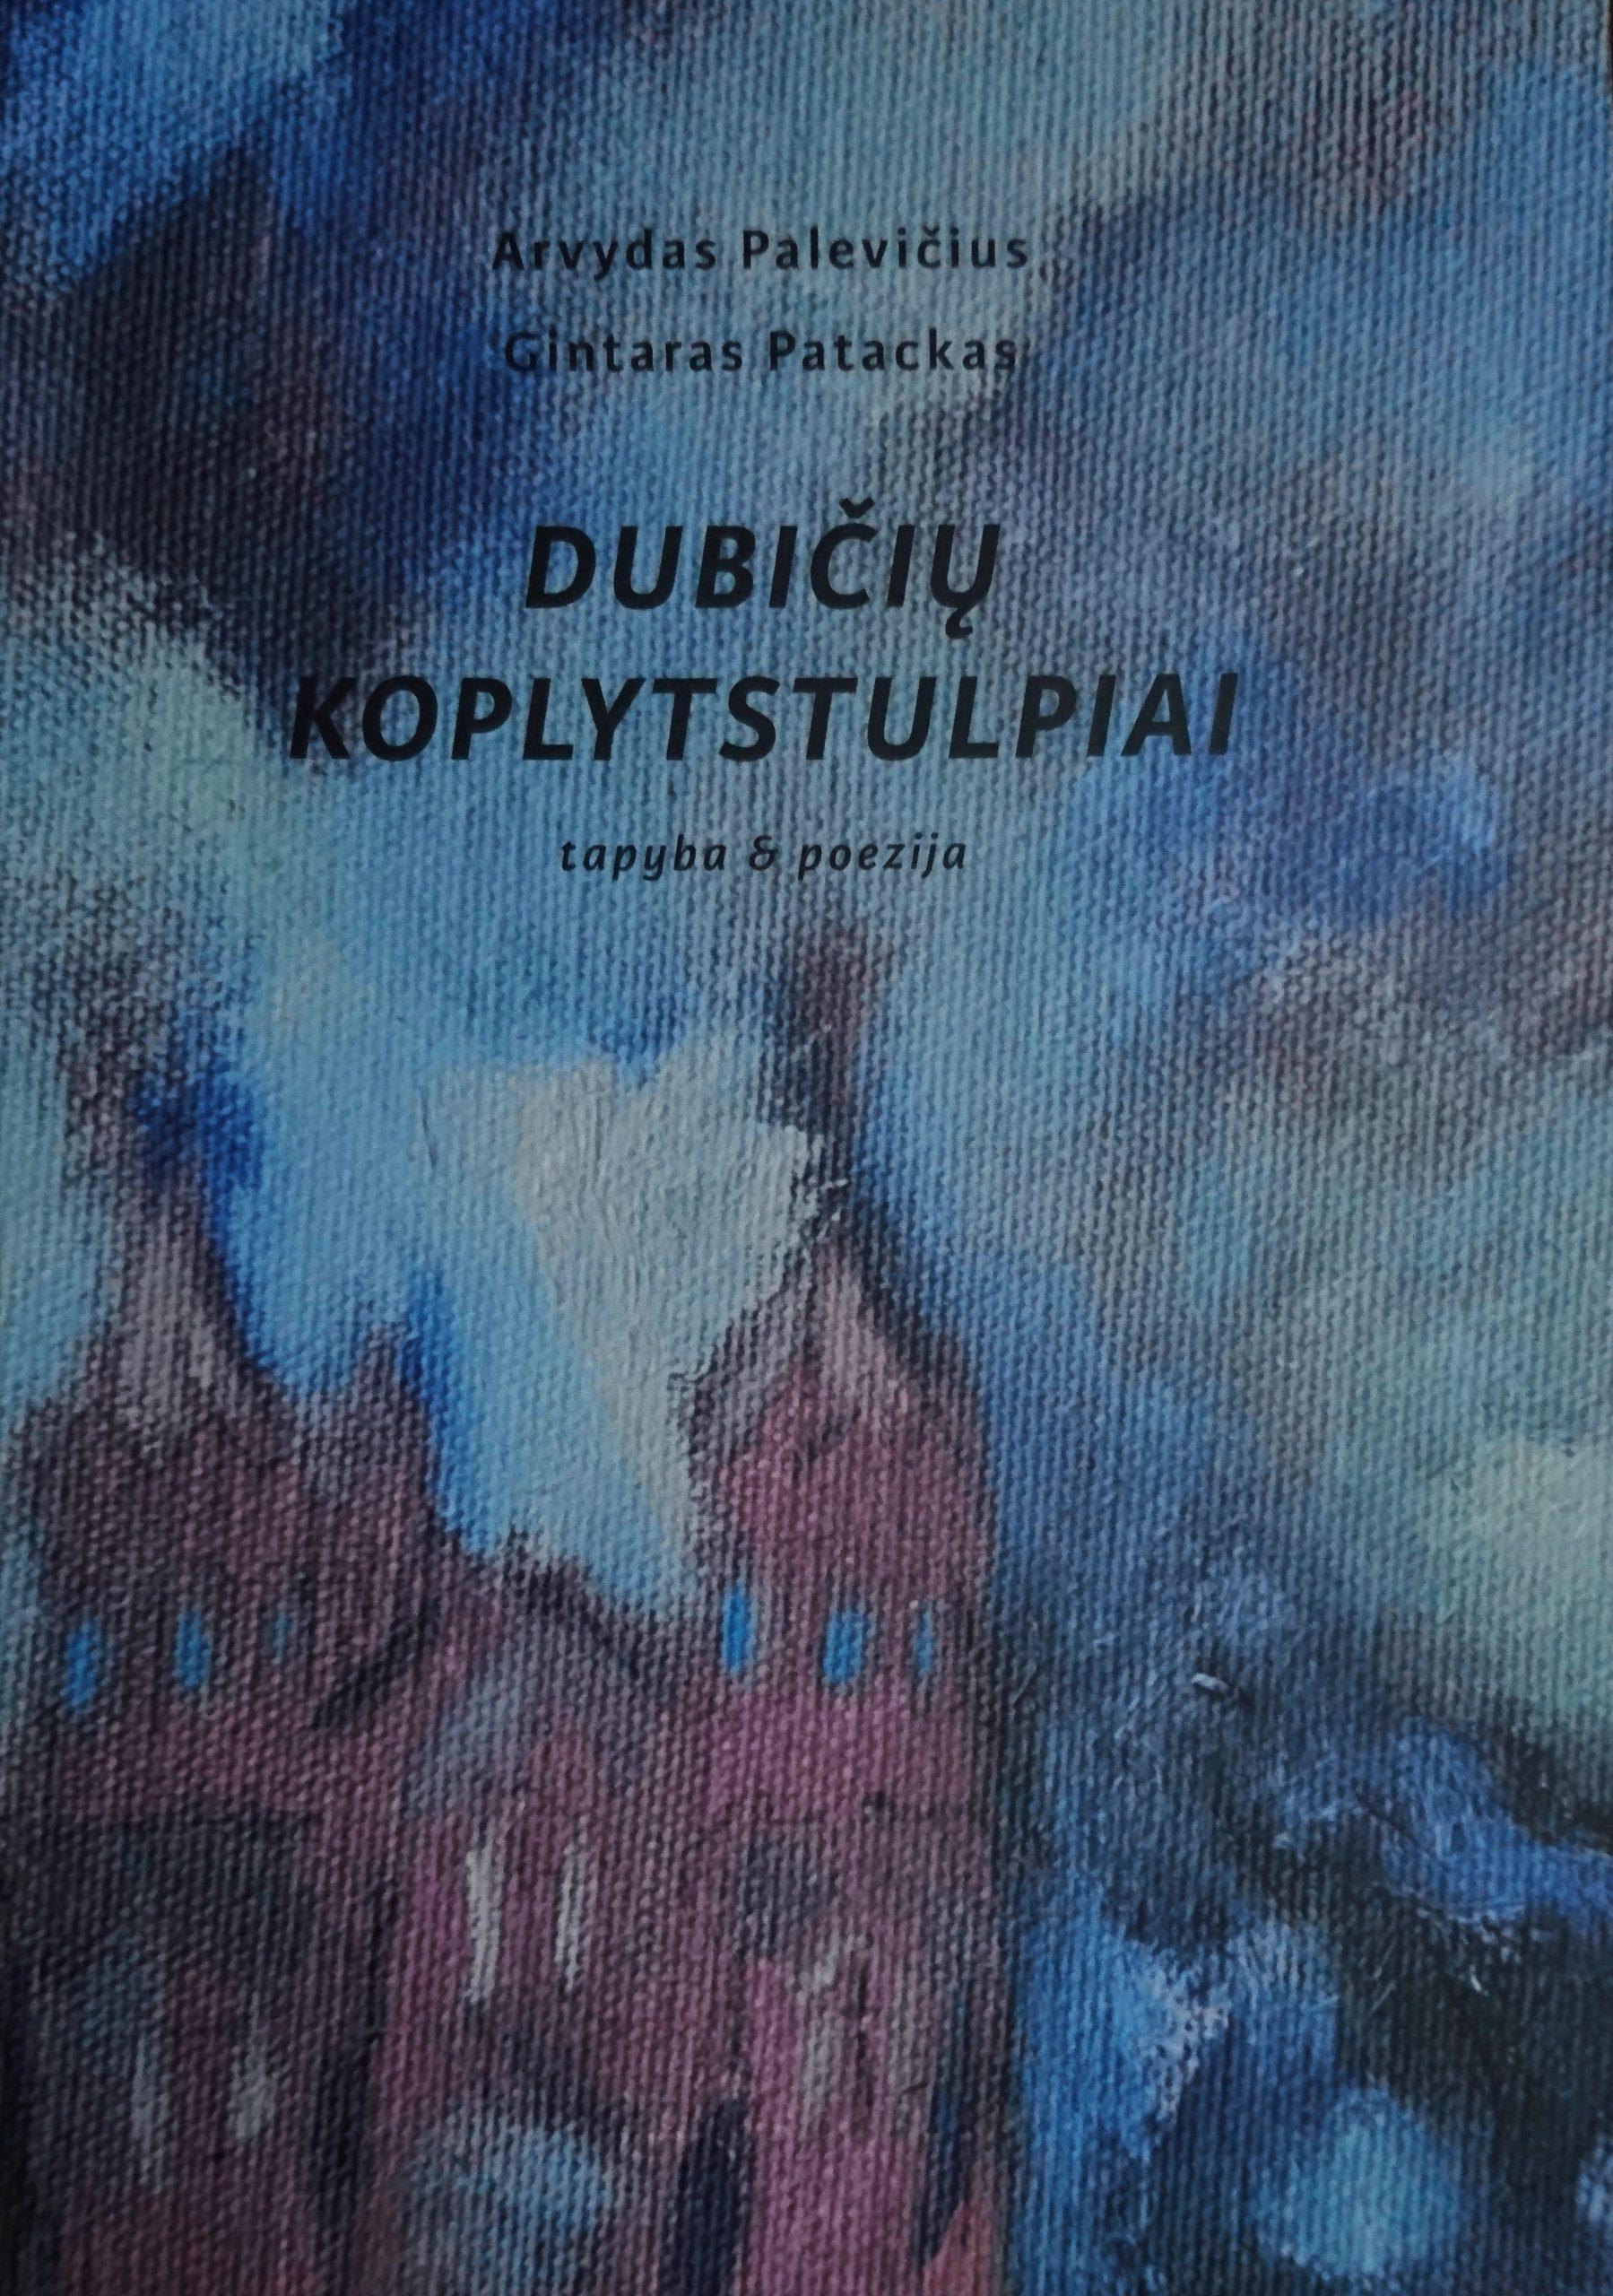 """Gintaras Patackas, Arvydas Palevičius. """"Dubičių koplytstulpiai: tapyba & poezija"""" (Kaunas: MB Kitos spalvos, 2019)"""